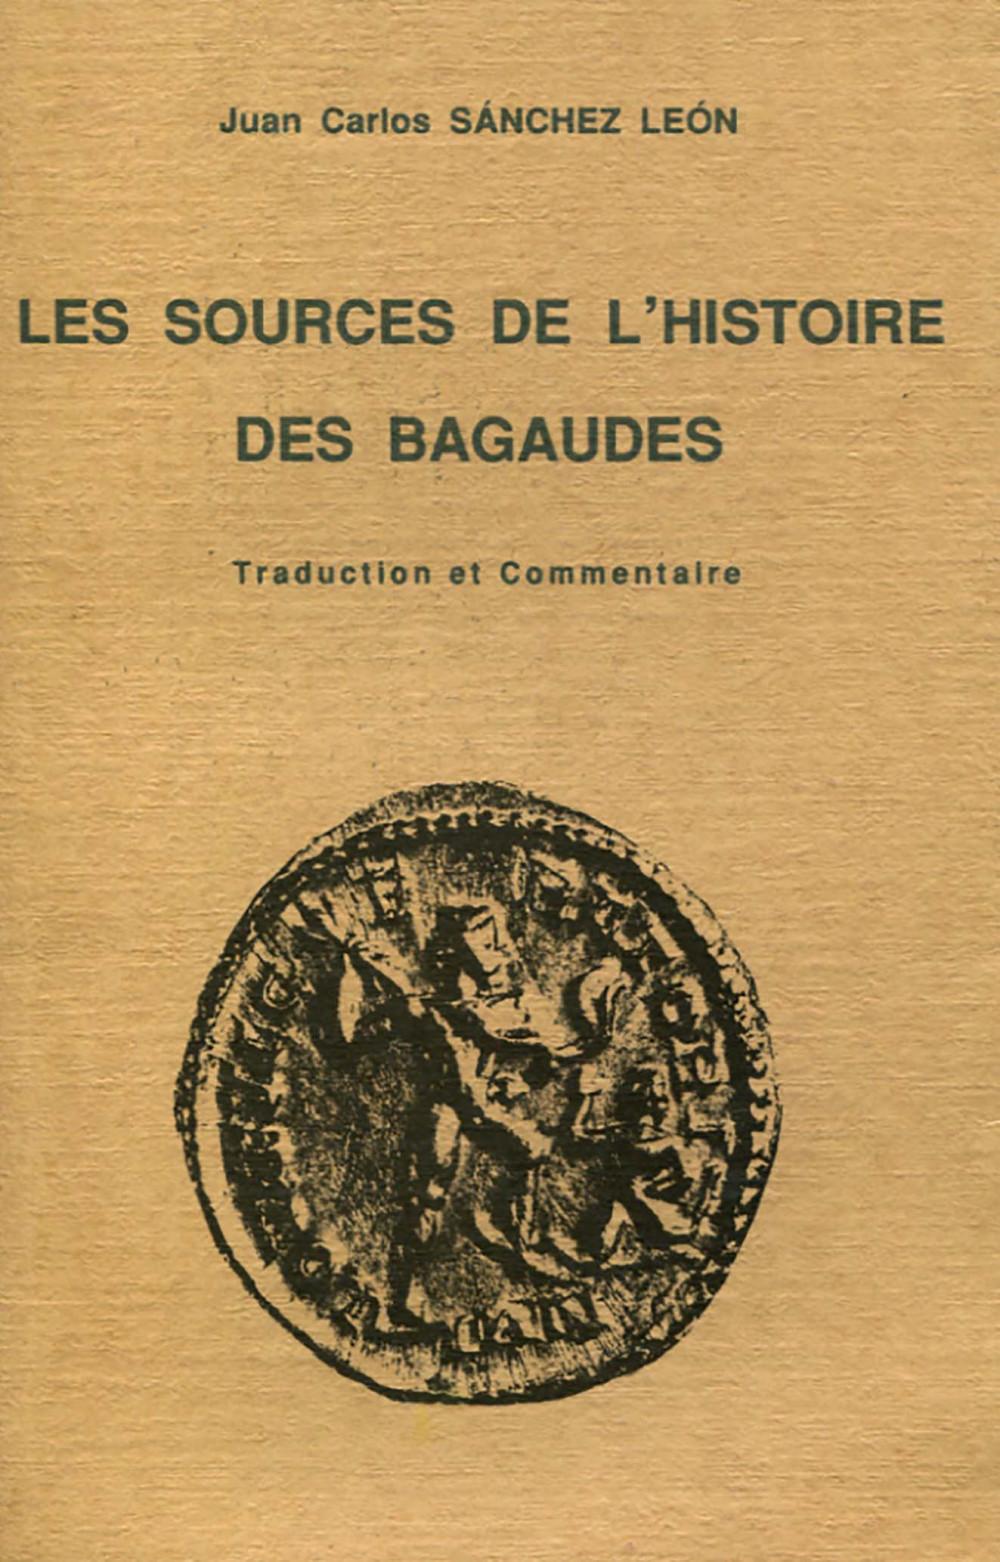 Les sources de l'histoire des Bagaudes